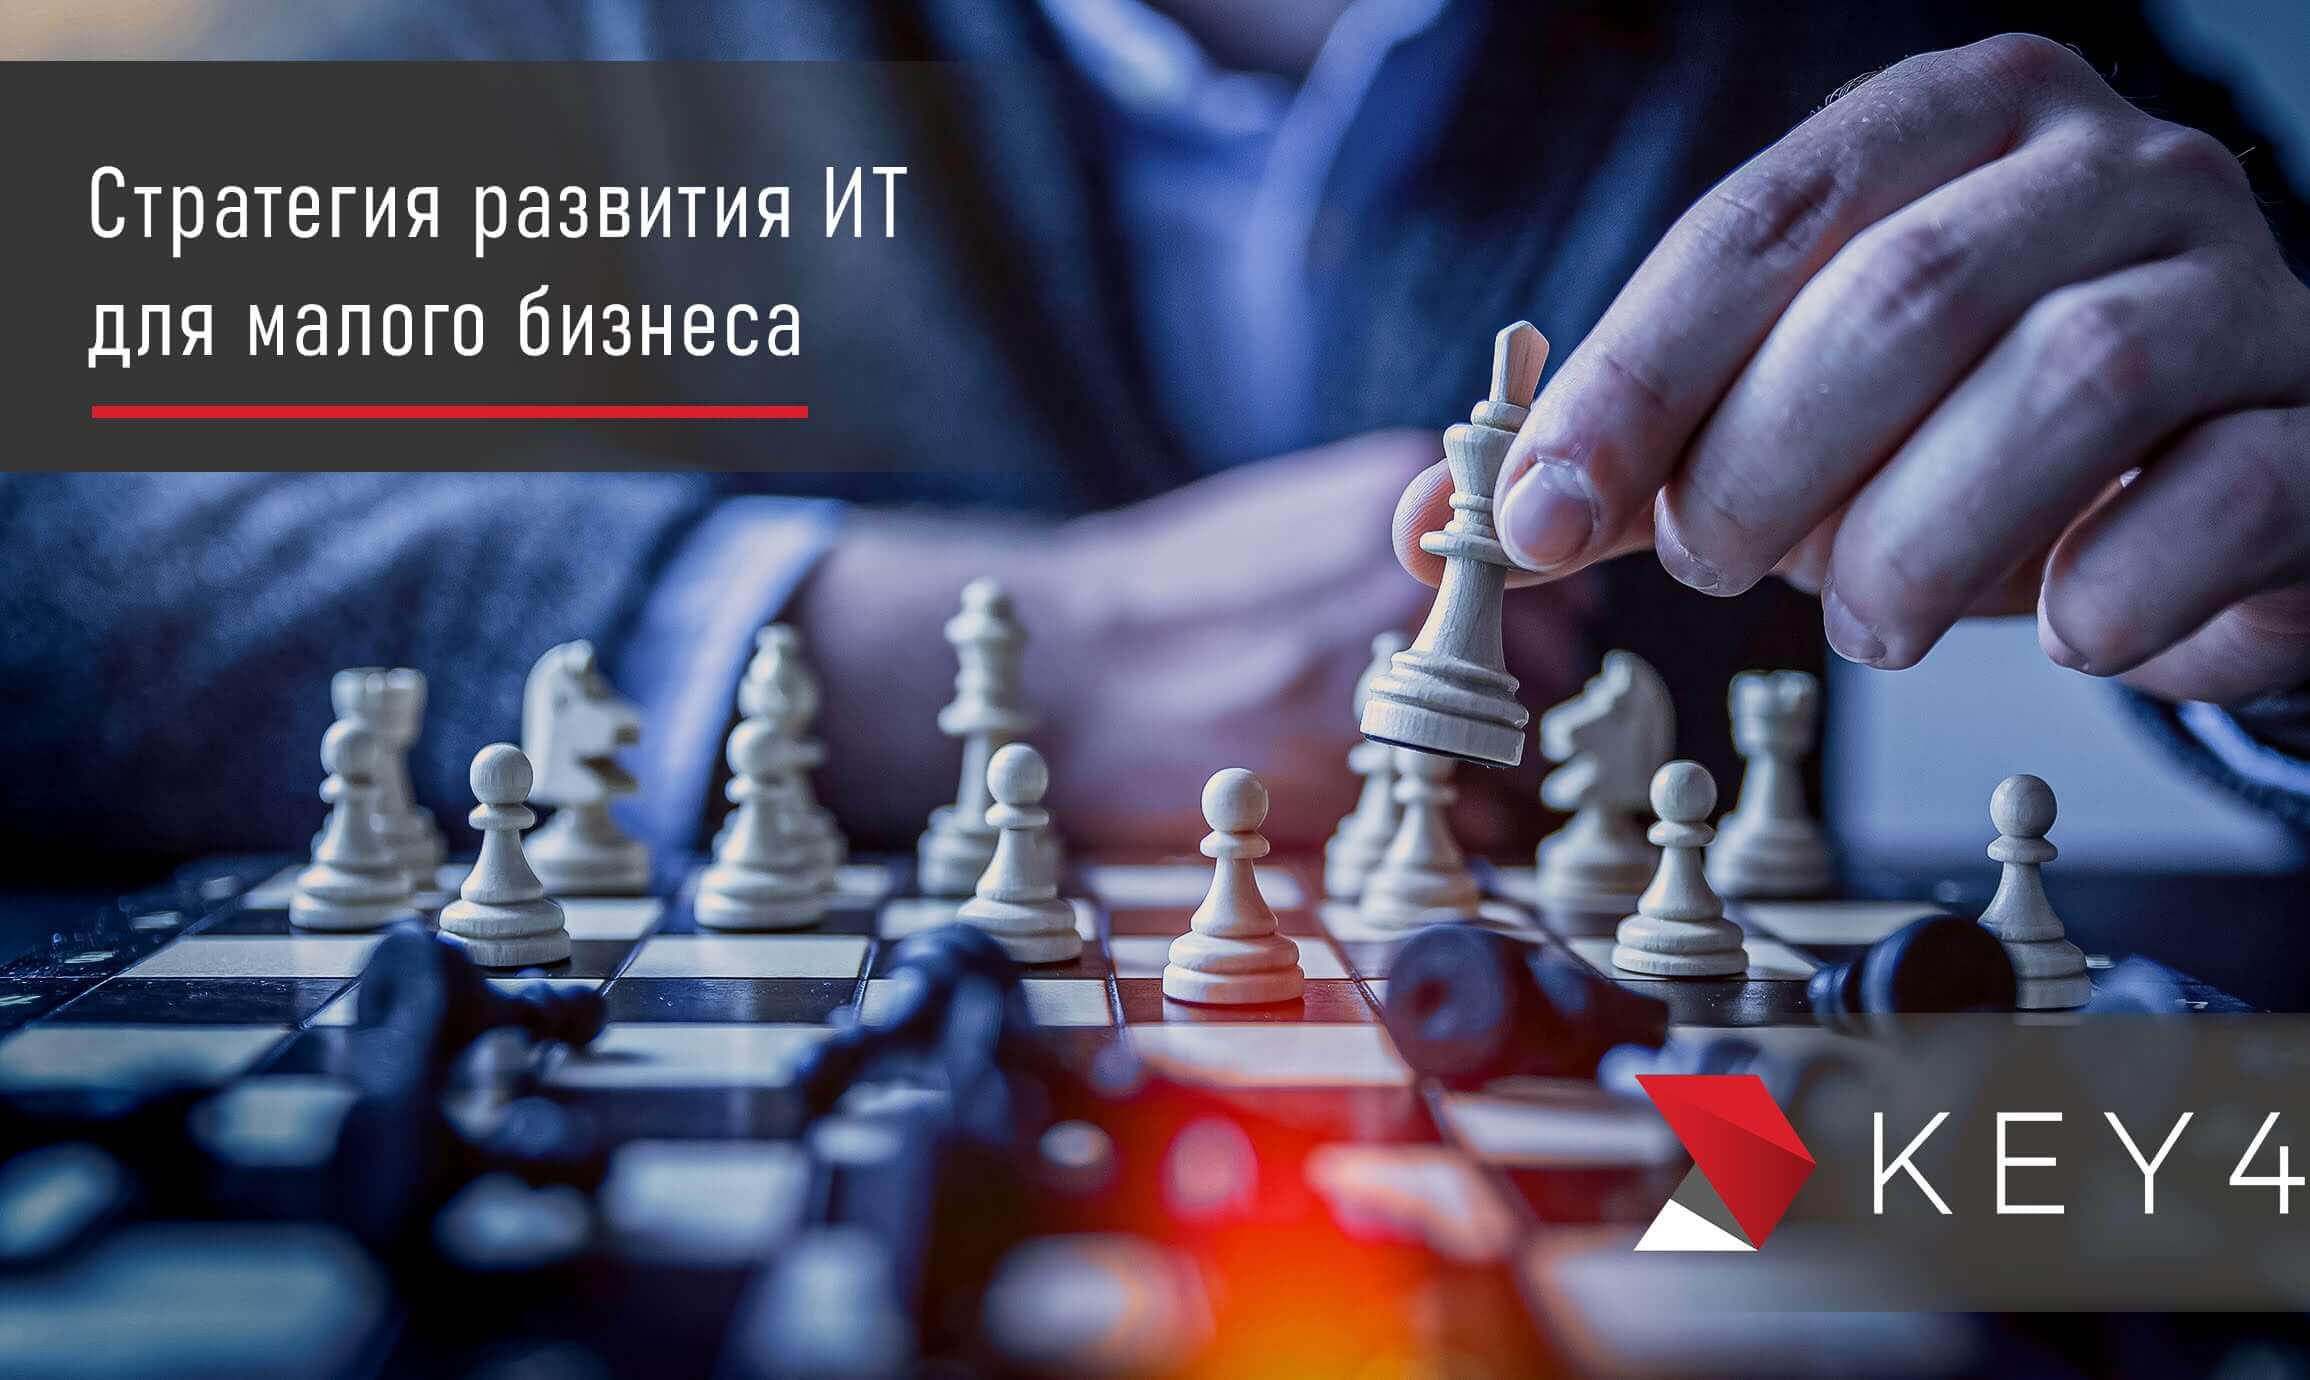 Стратегия развития ИТ для бизнеса